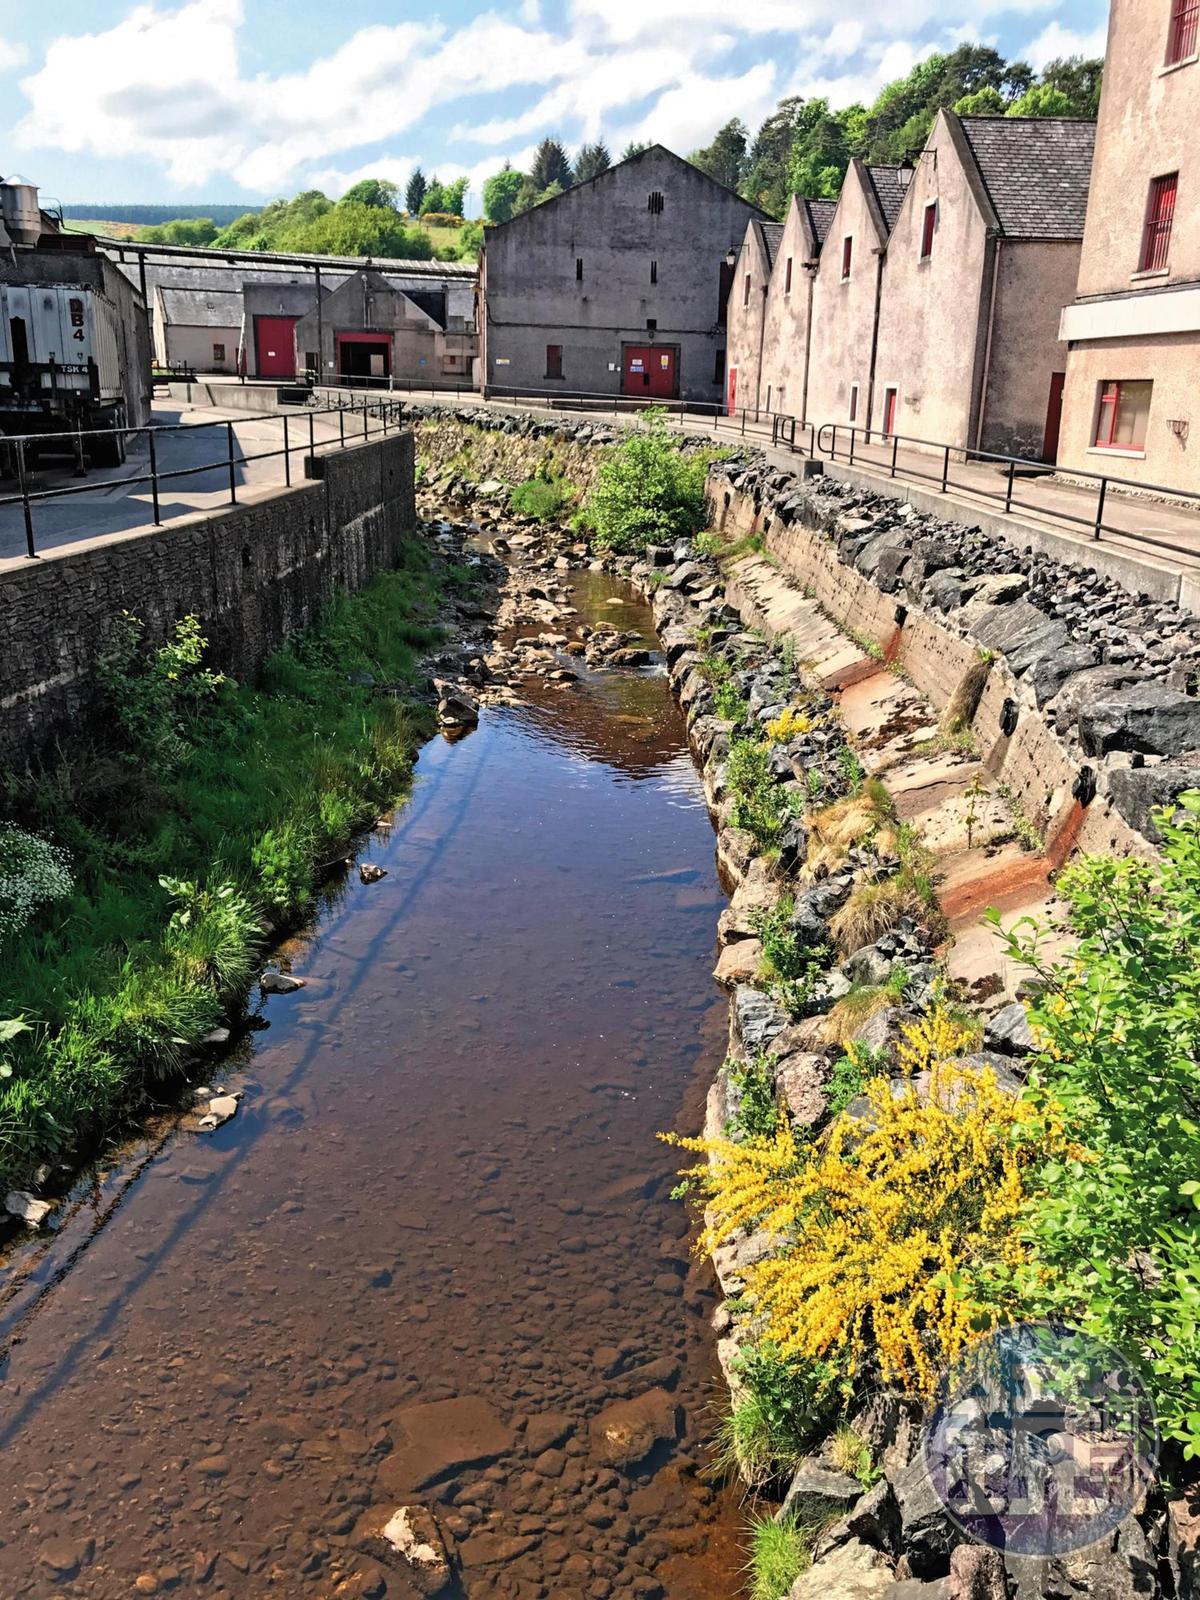 路思小鎮山明水秀,而格蘭路思酒廠的存在更替這裡錦上添花。